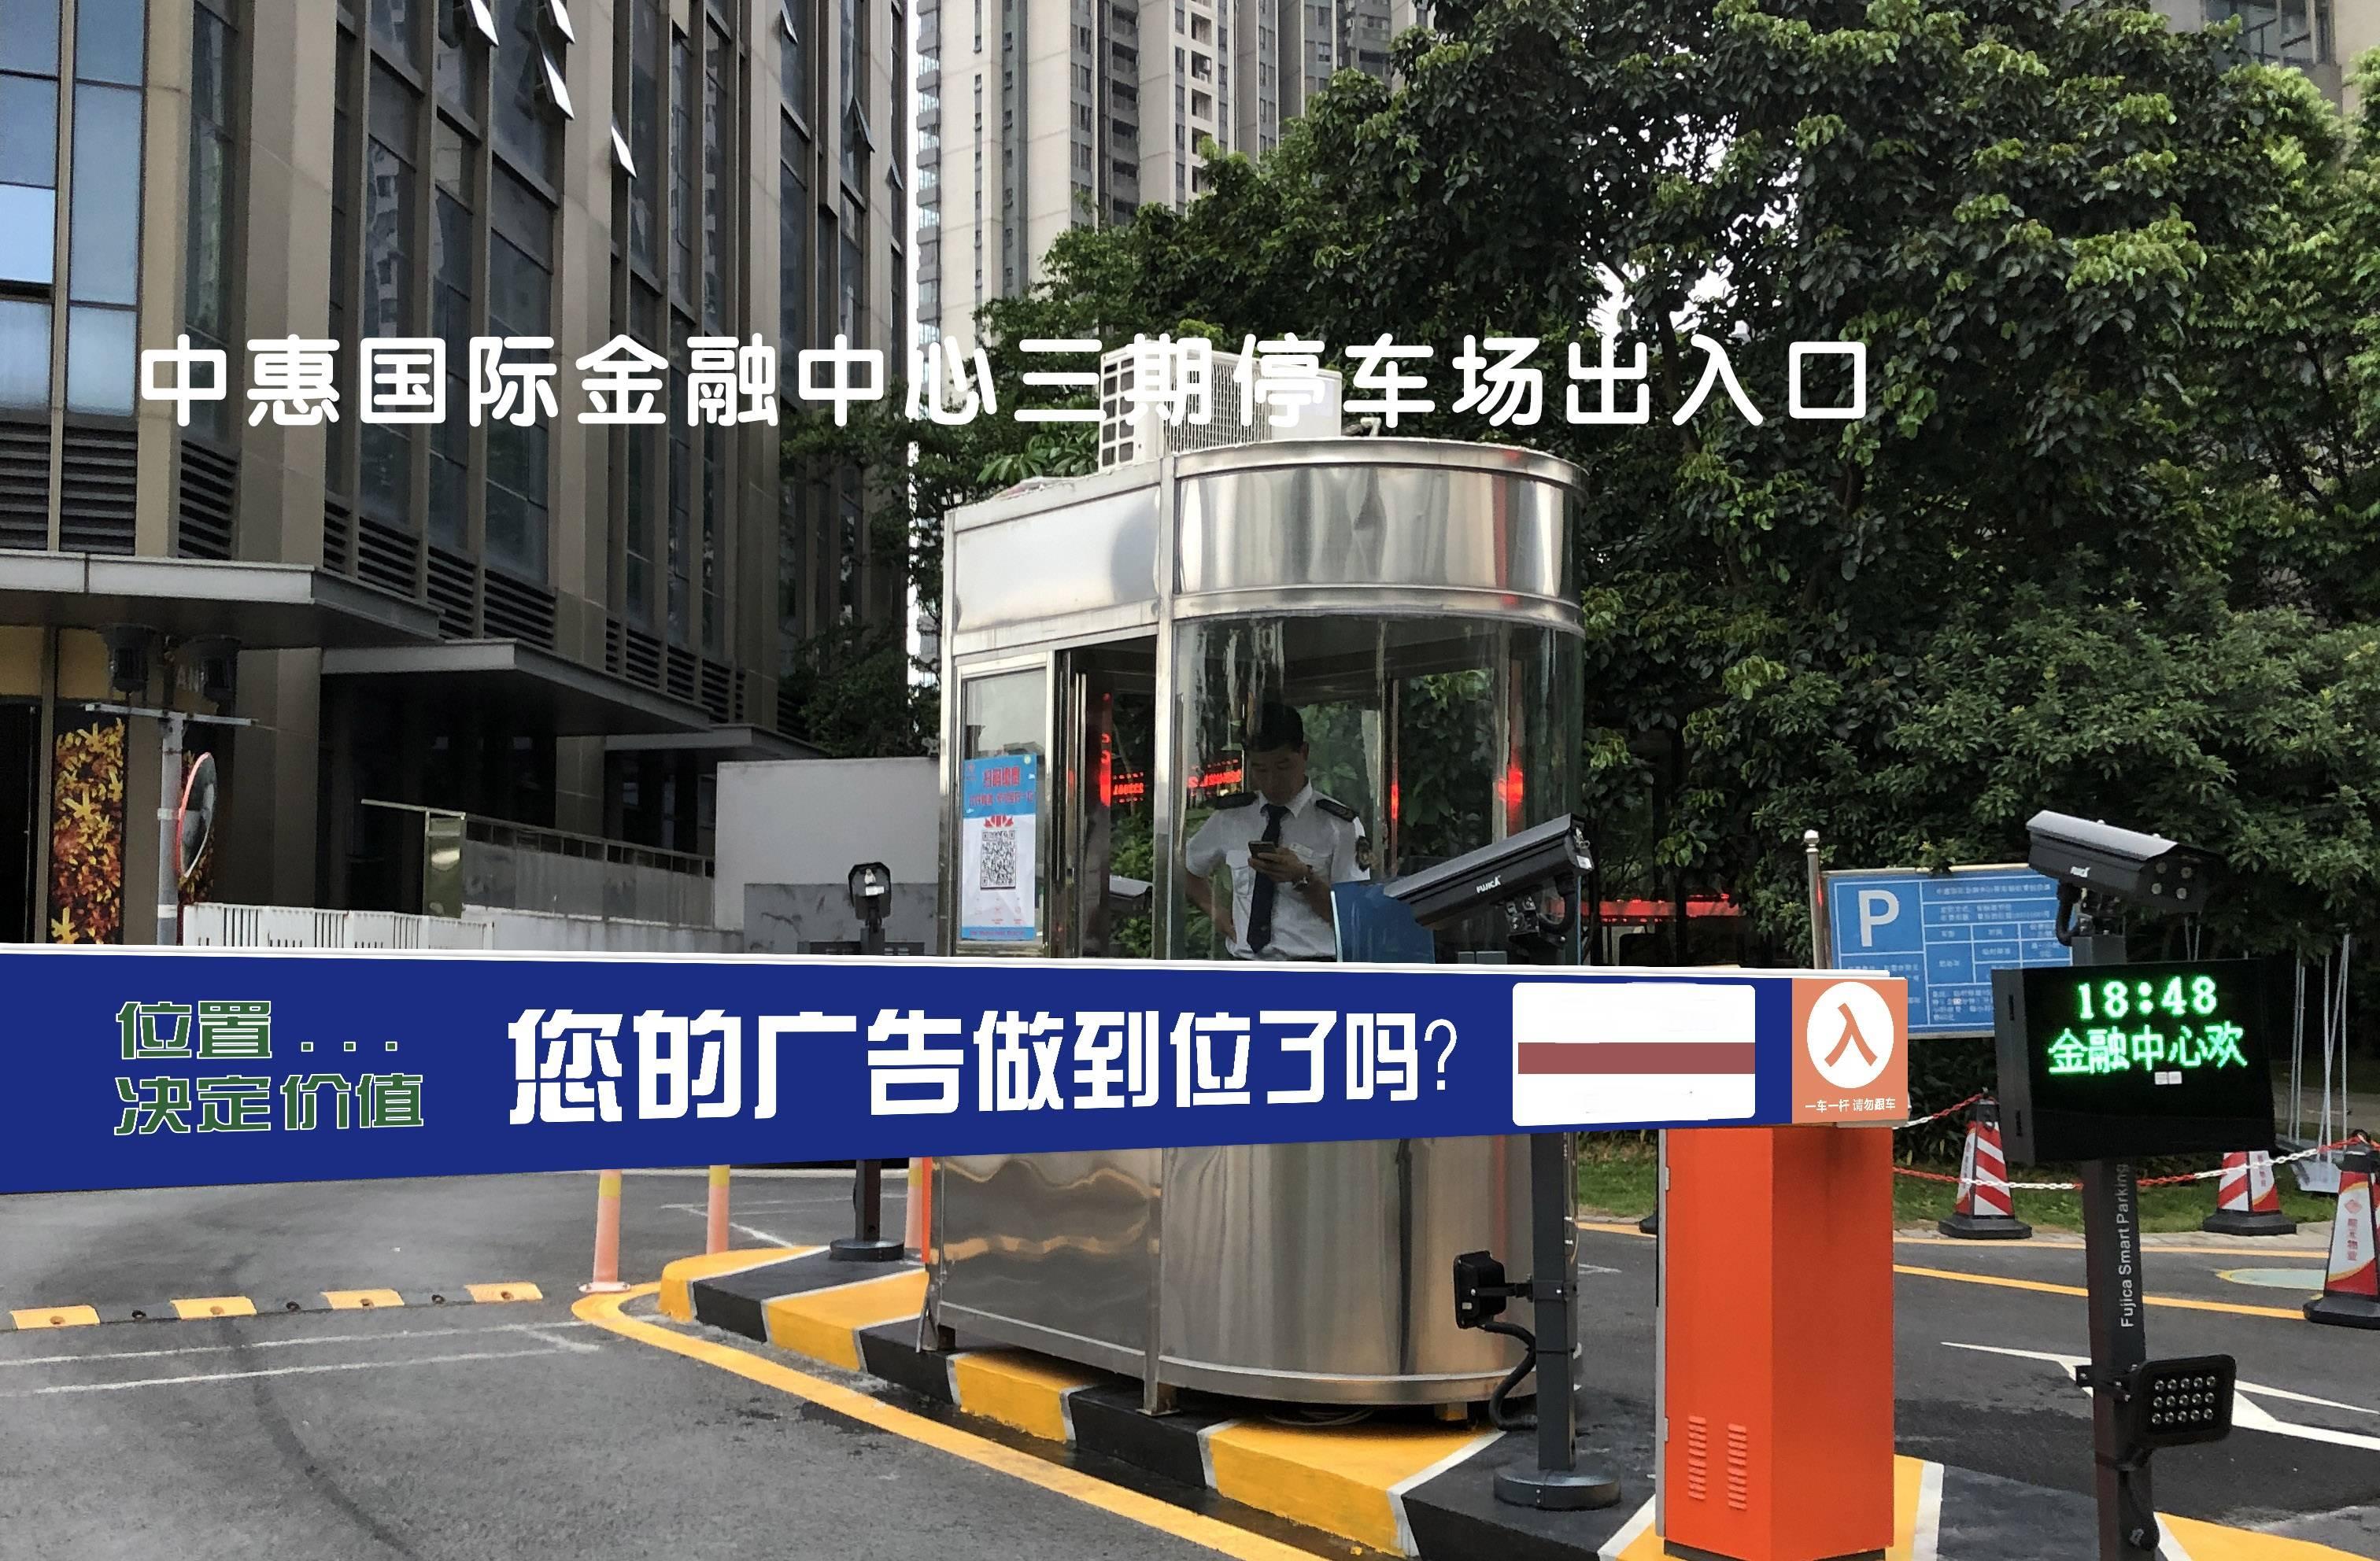 广州出入口道闸广告